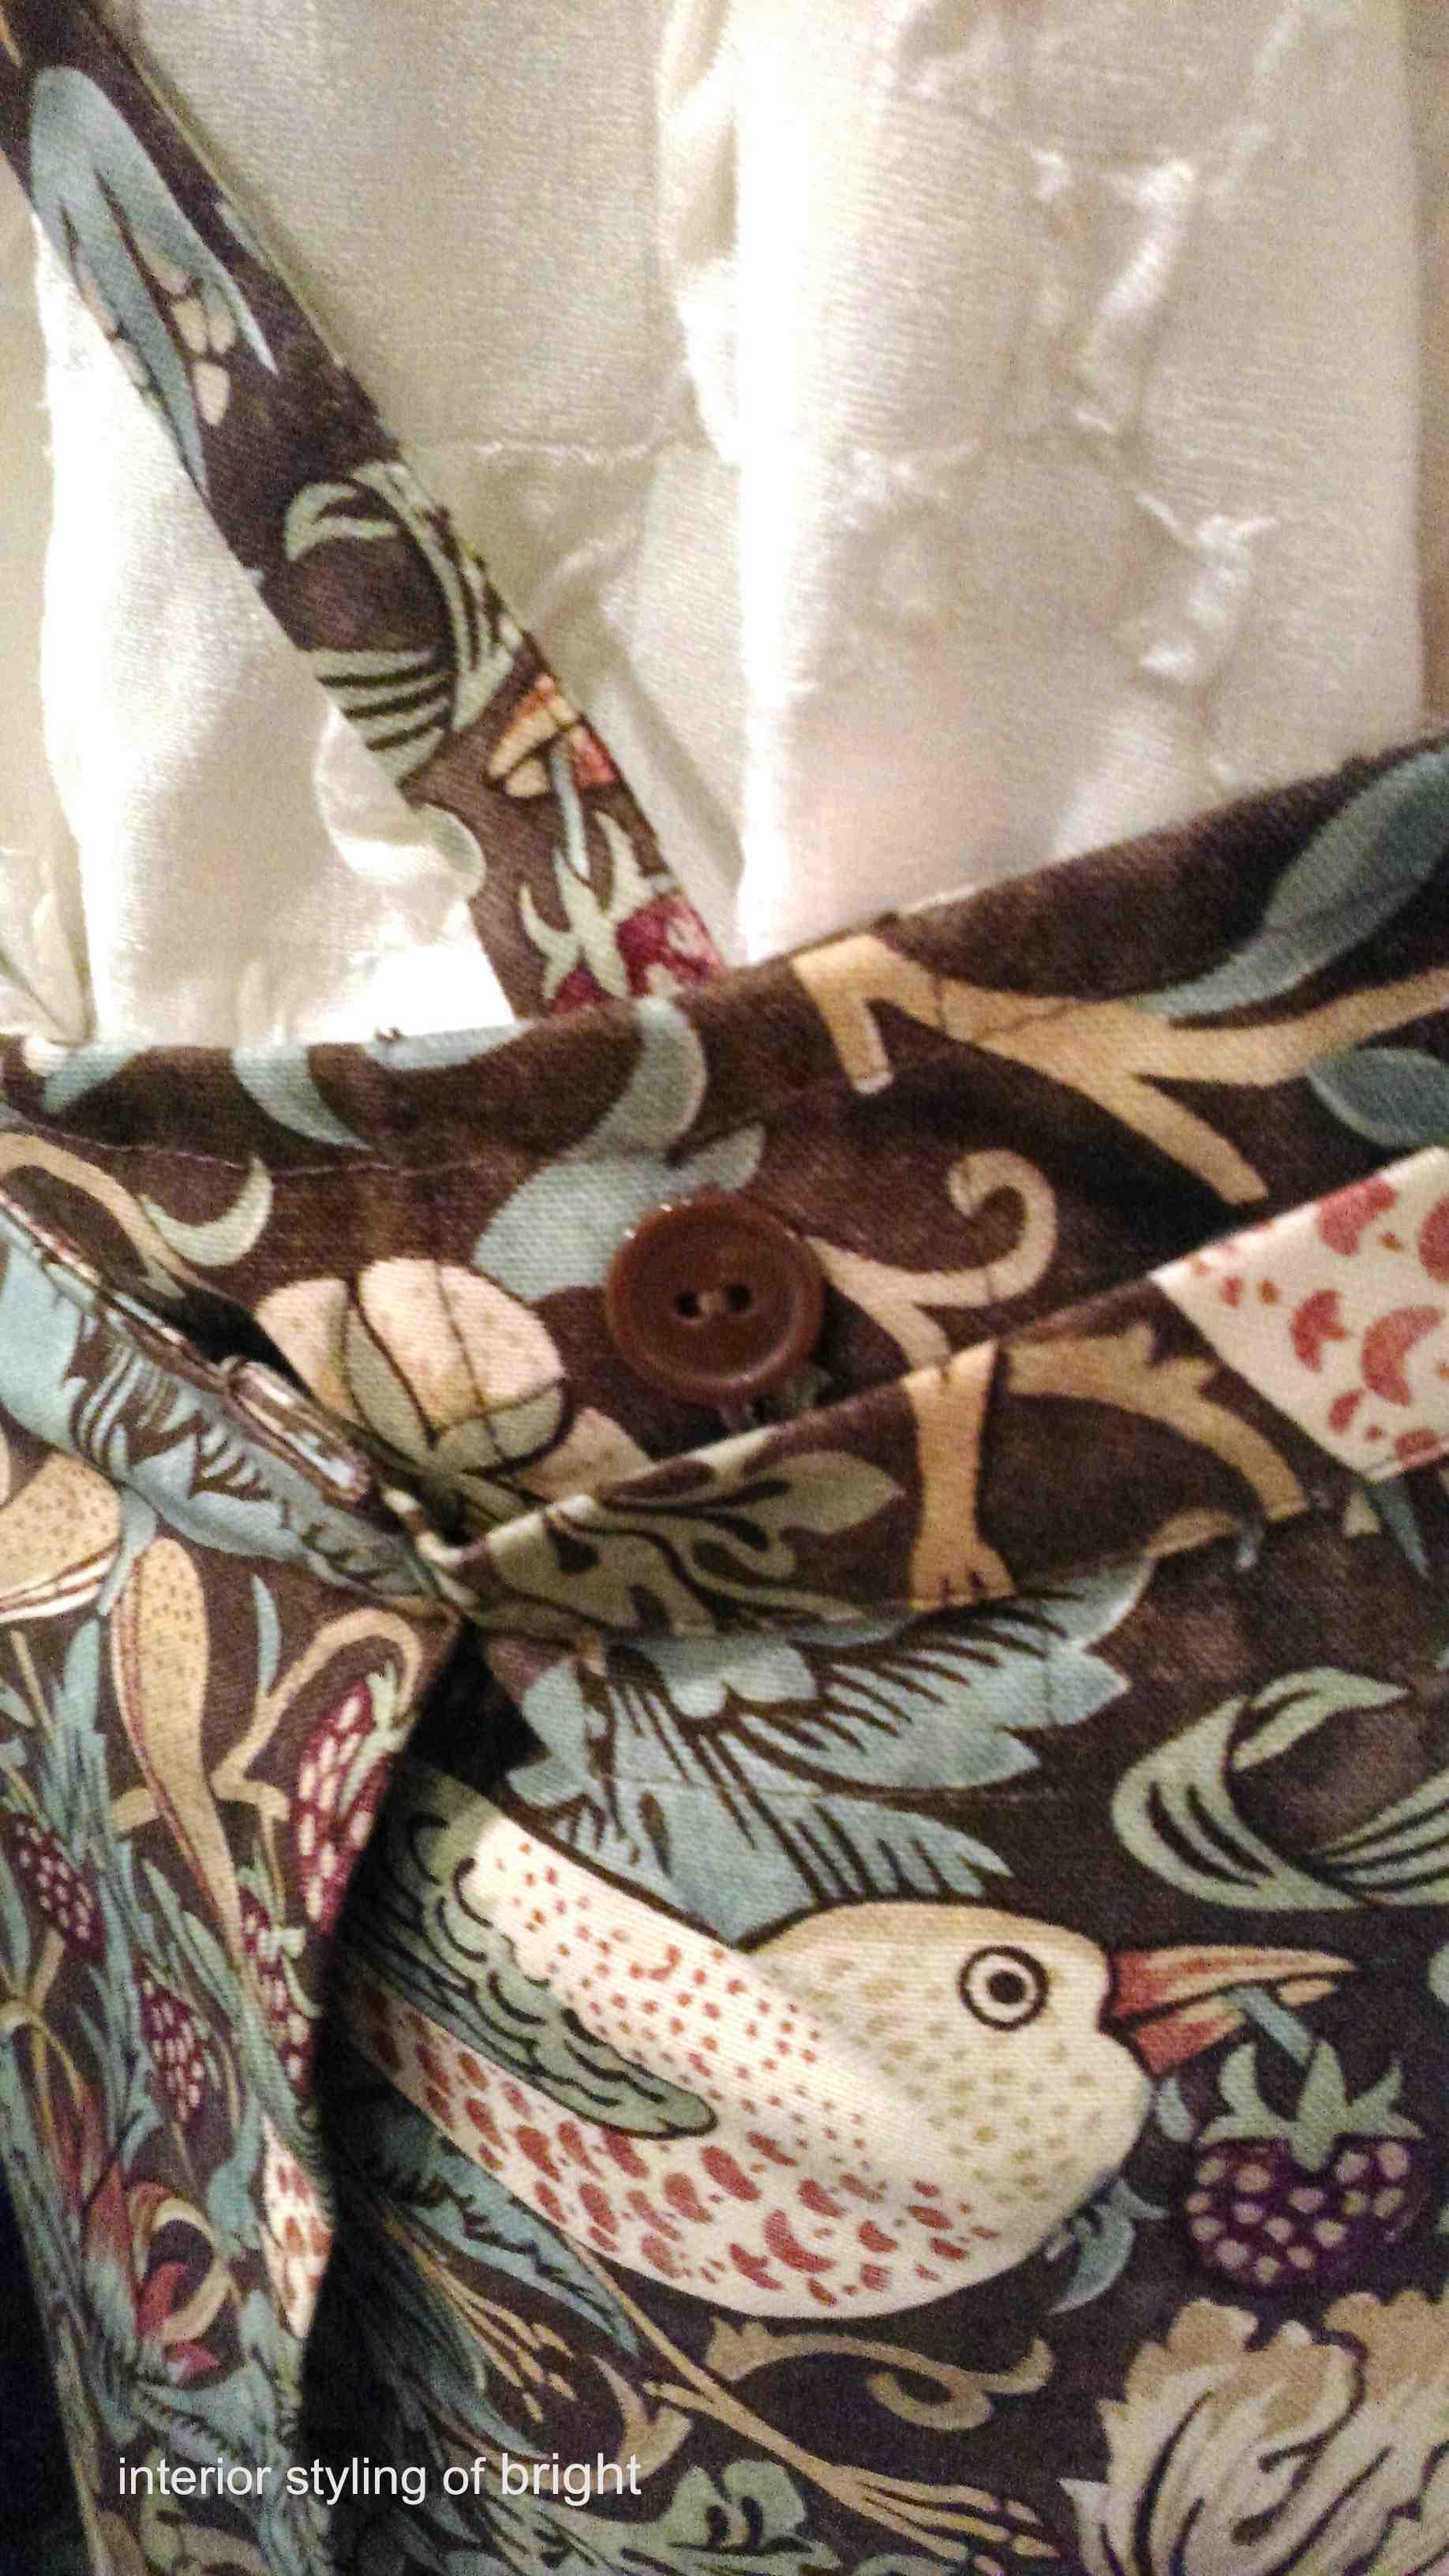 モリス エプロン『いちご泥棒』 ウィリアムモリス正規販売店のブライト_c0157866_19182459.jpg